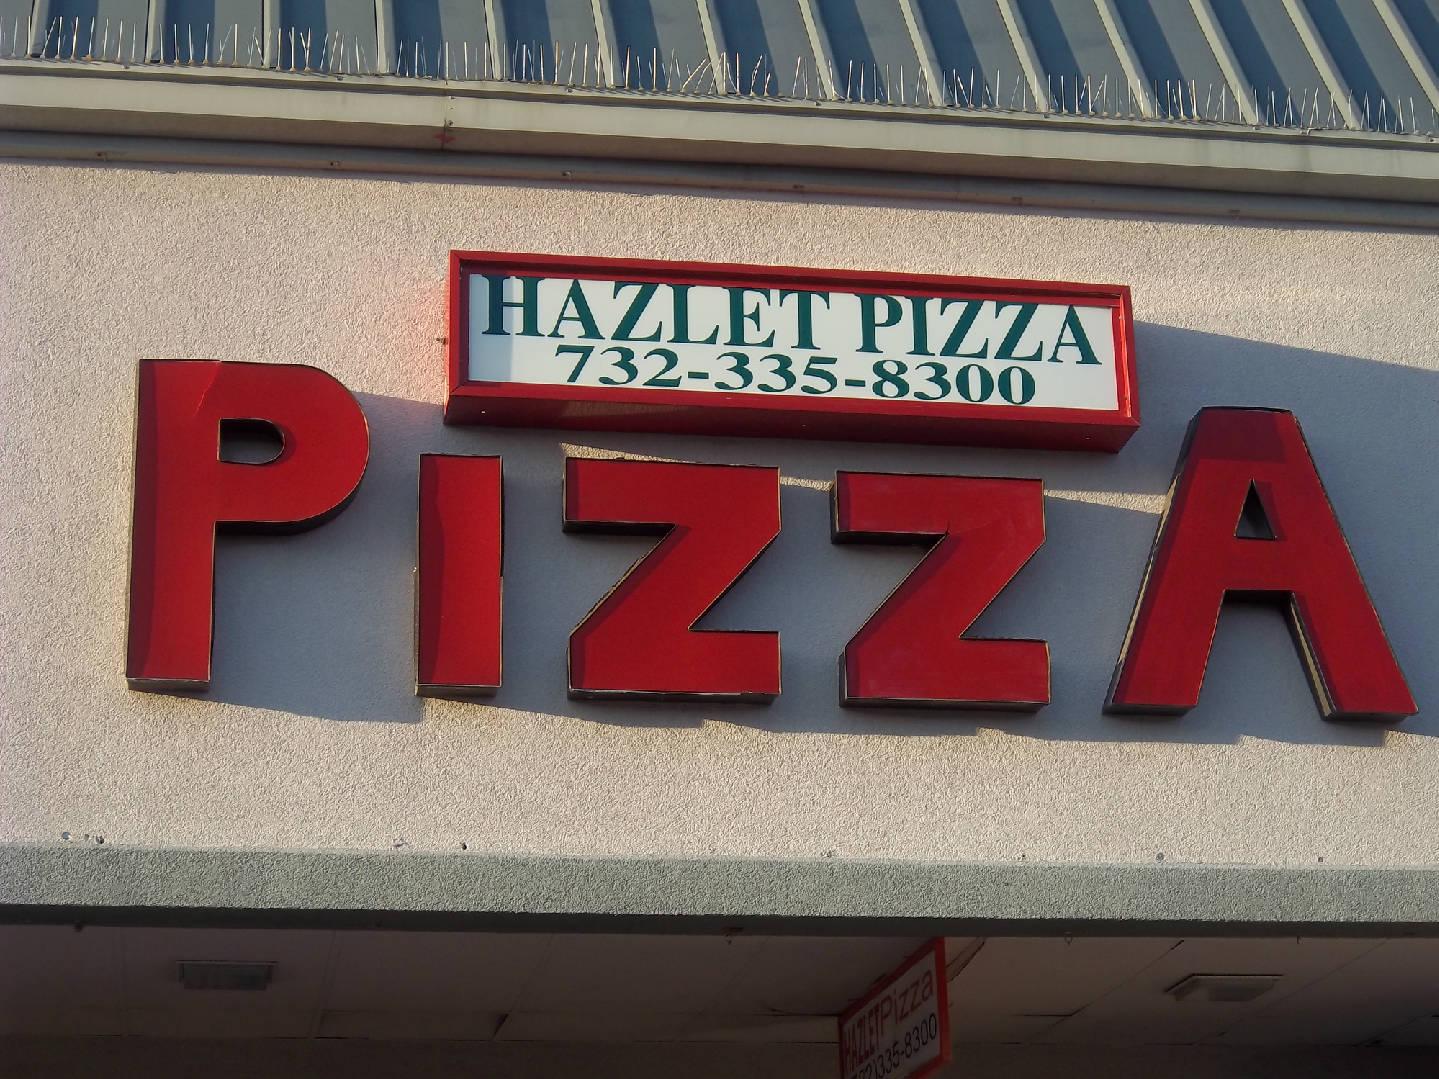 Hazlet Pizza, Hazlet NJ